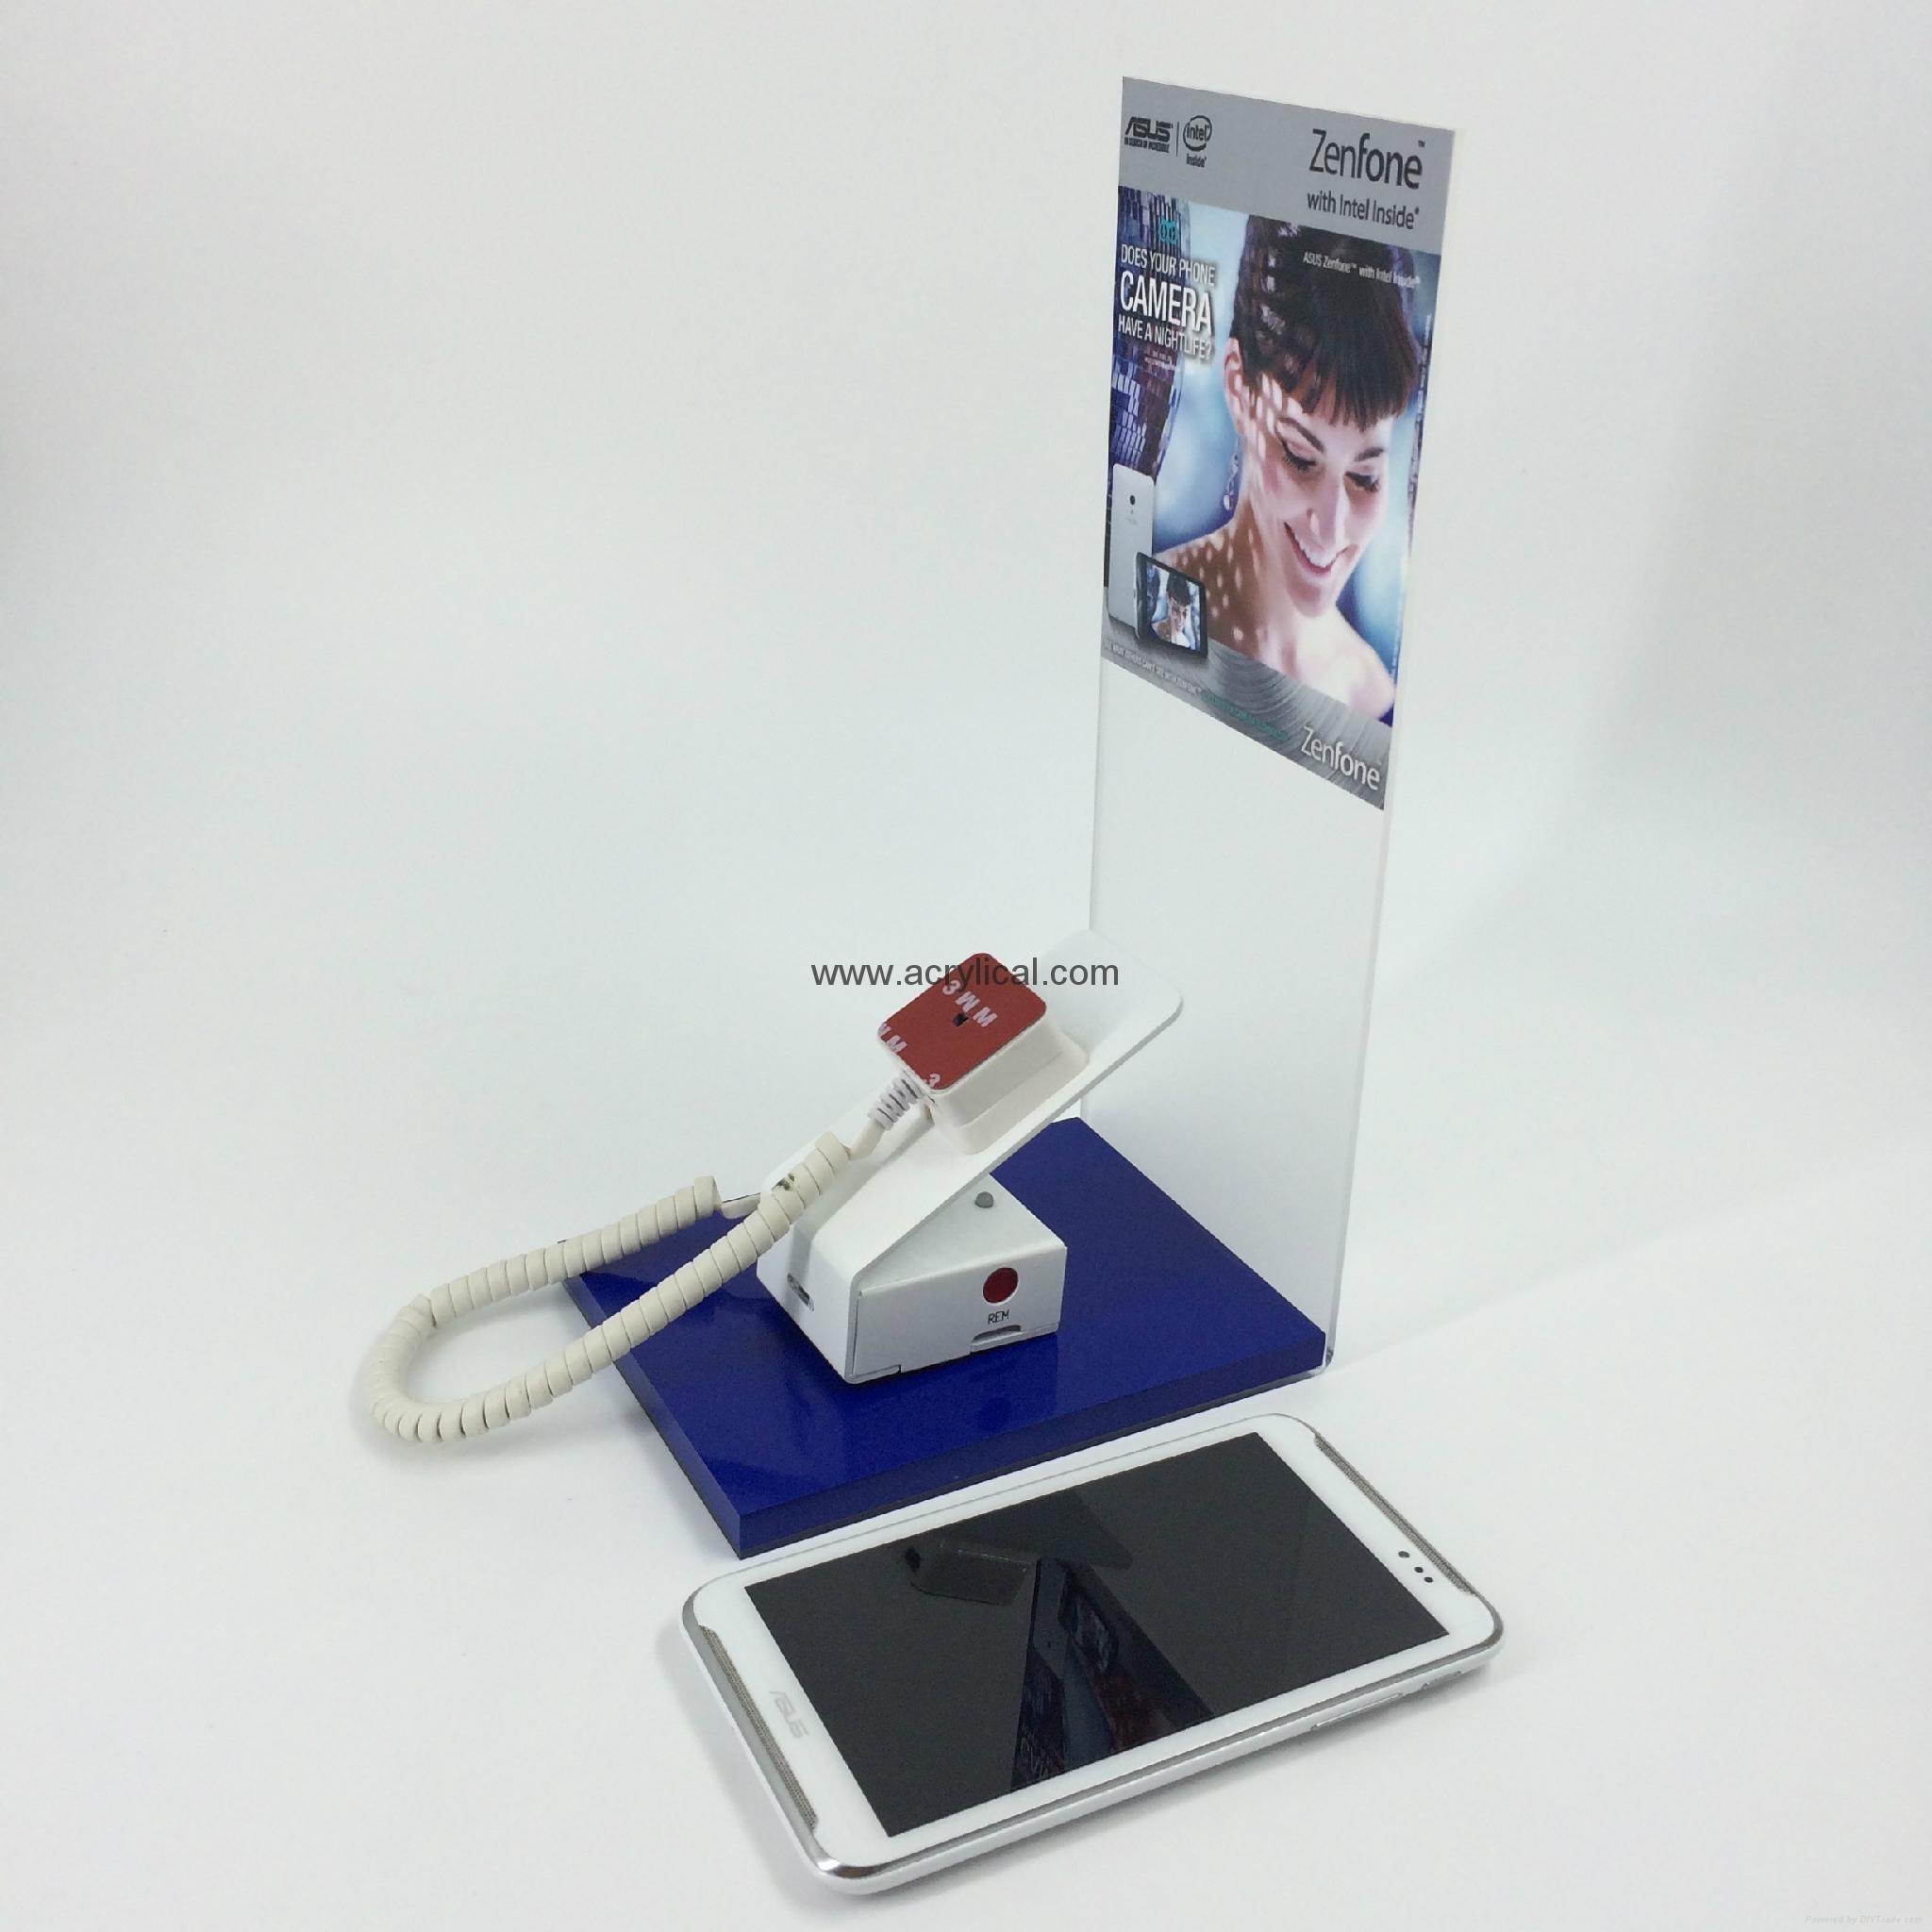 压克力手机展示架含防盗系统